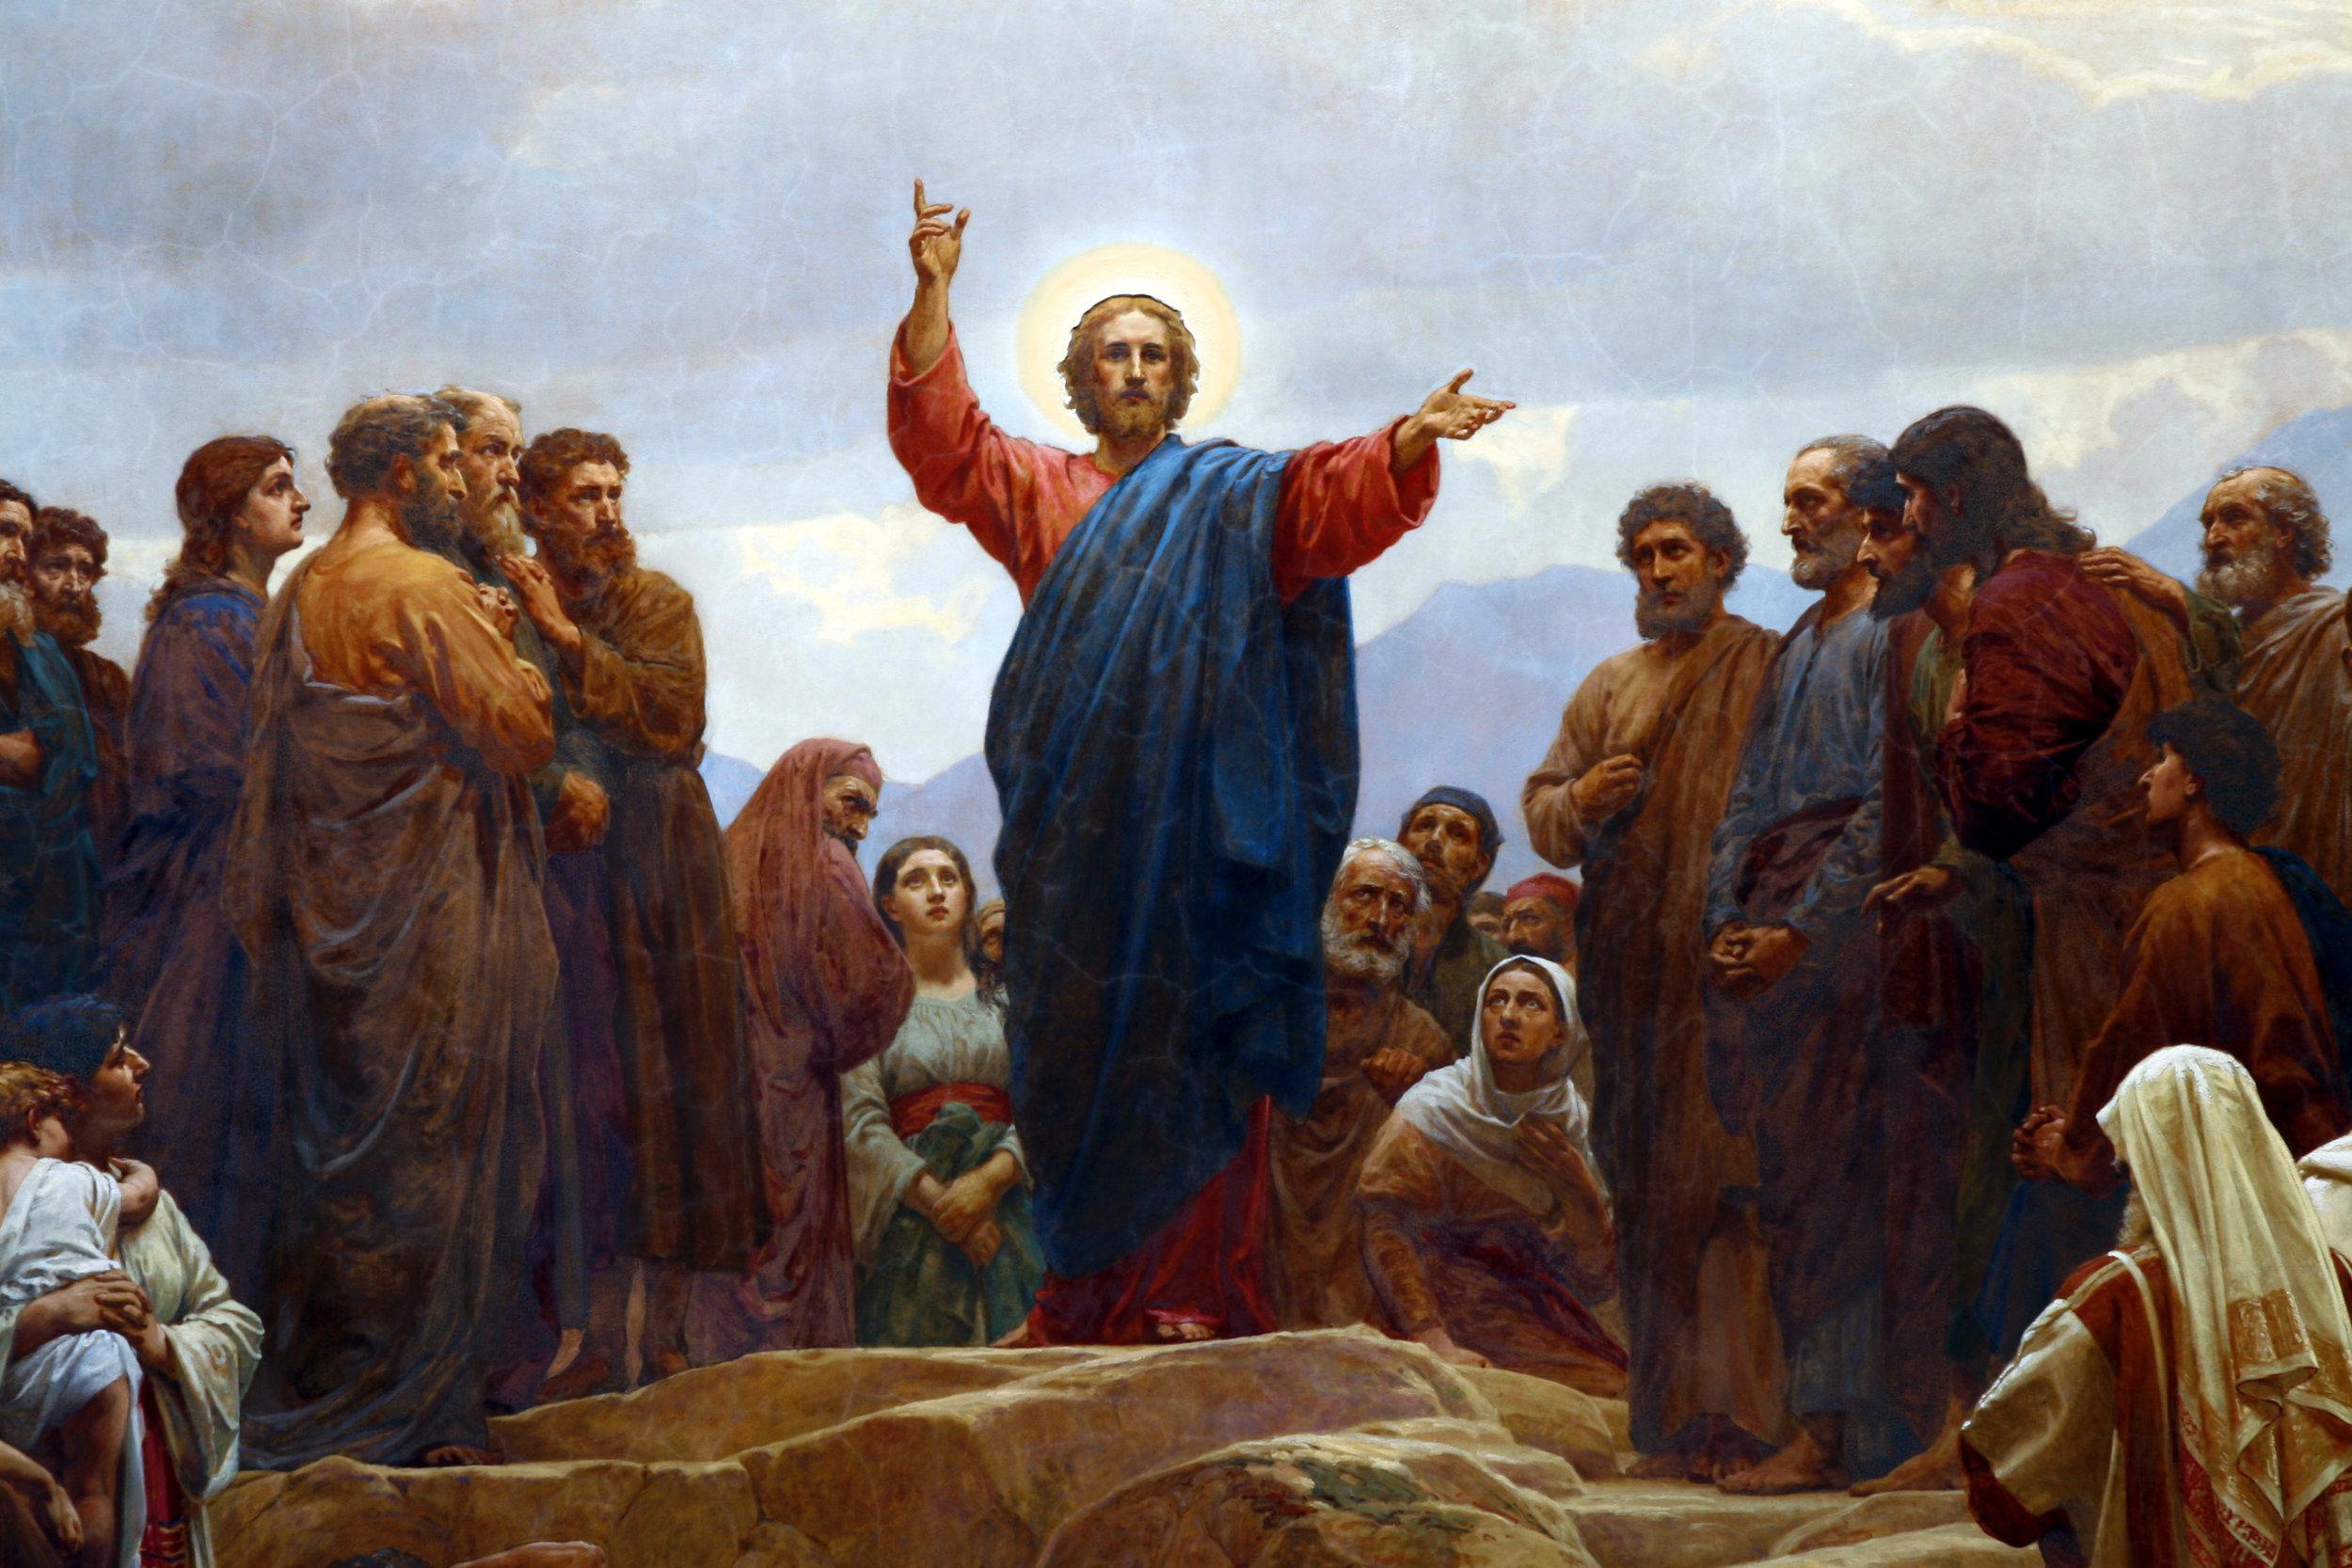 Sermon on the MountCopenhagen Church Alter Painting